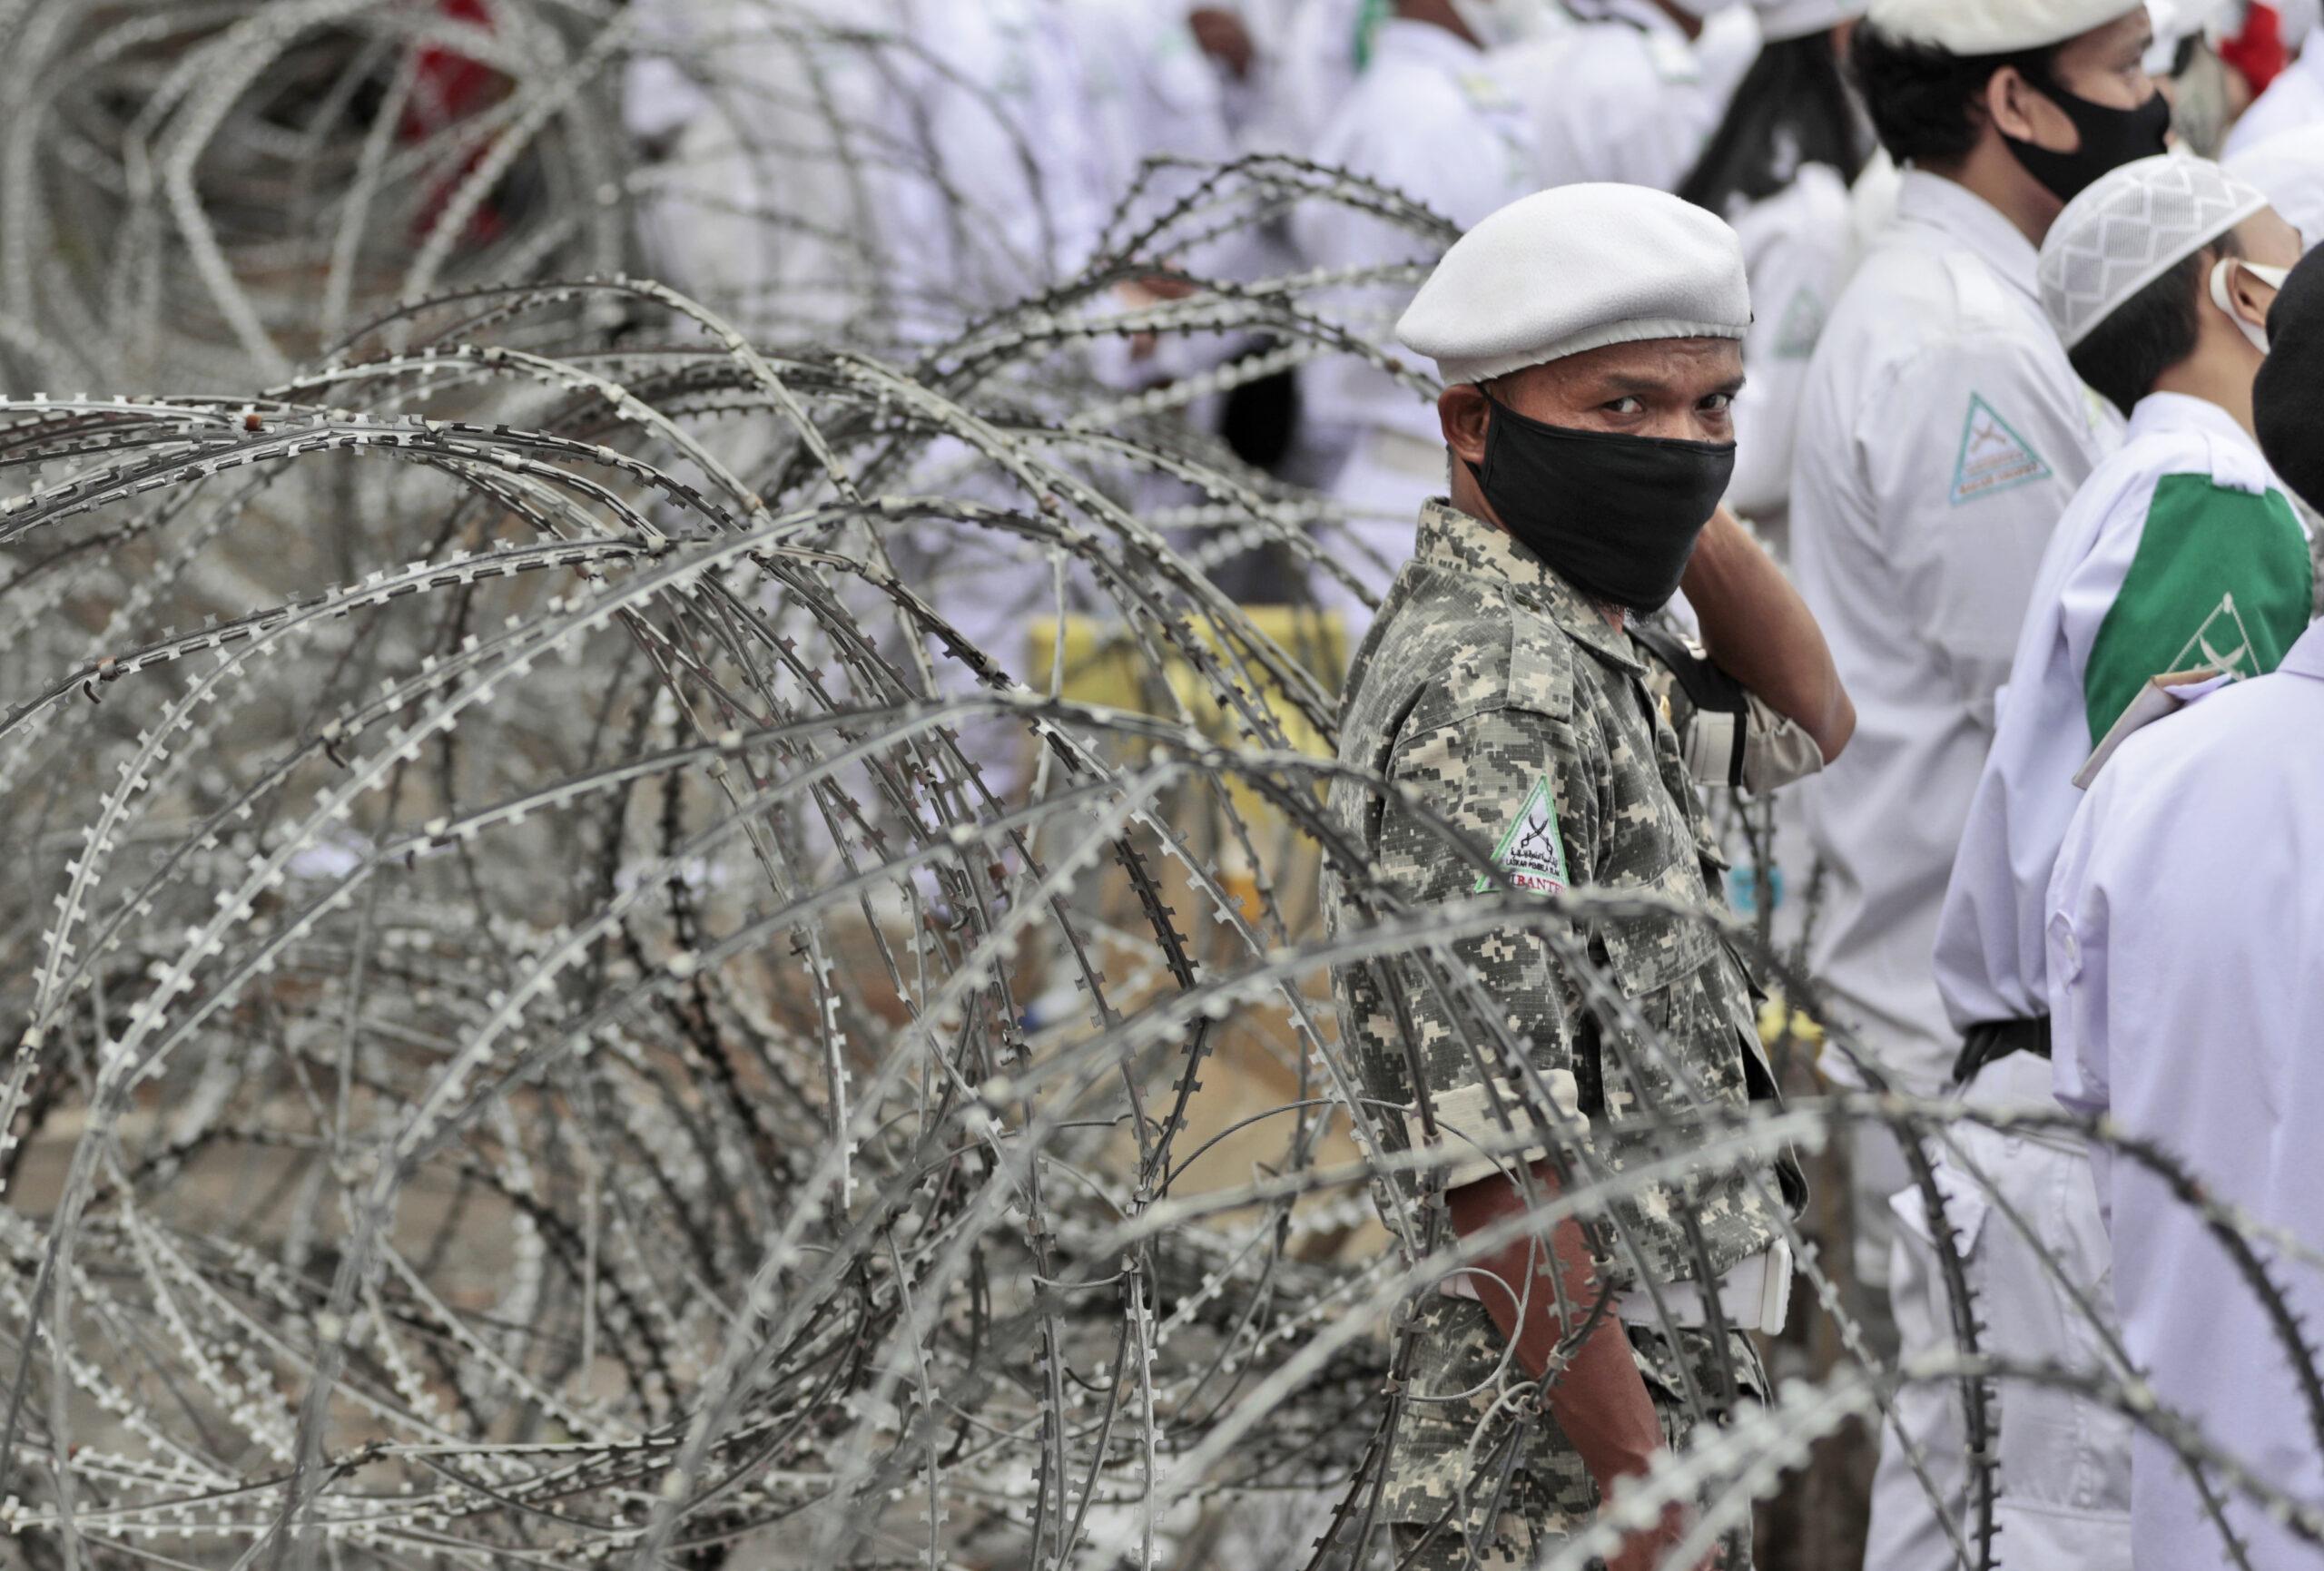 Ancora violenze islamiste in Indonesia. Decapitato un cristiano